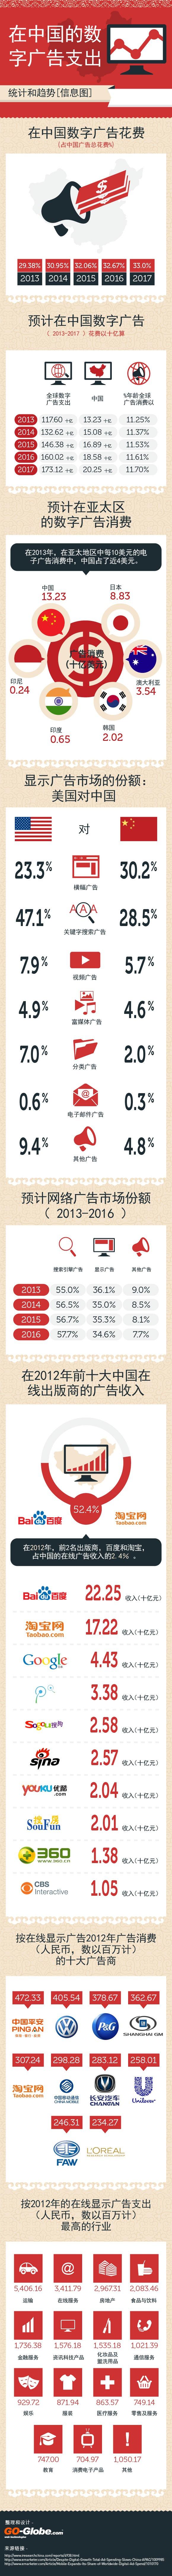 在中国的数字广告支出 — 统计和趋势